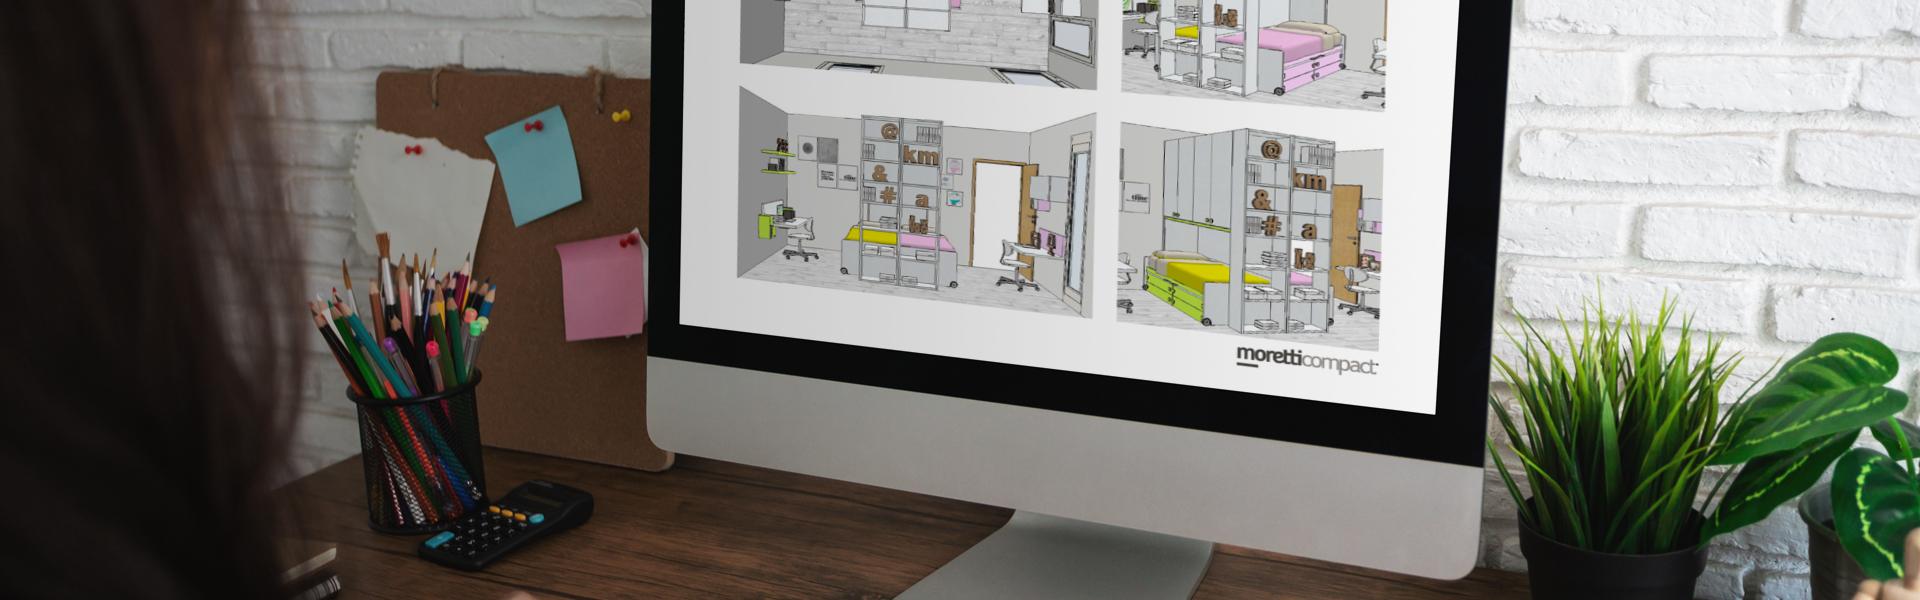 Servizio di progettazione online di Moretti Compact